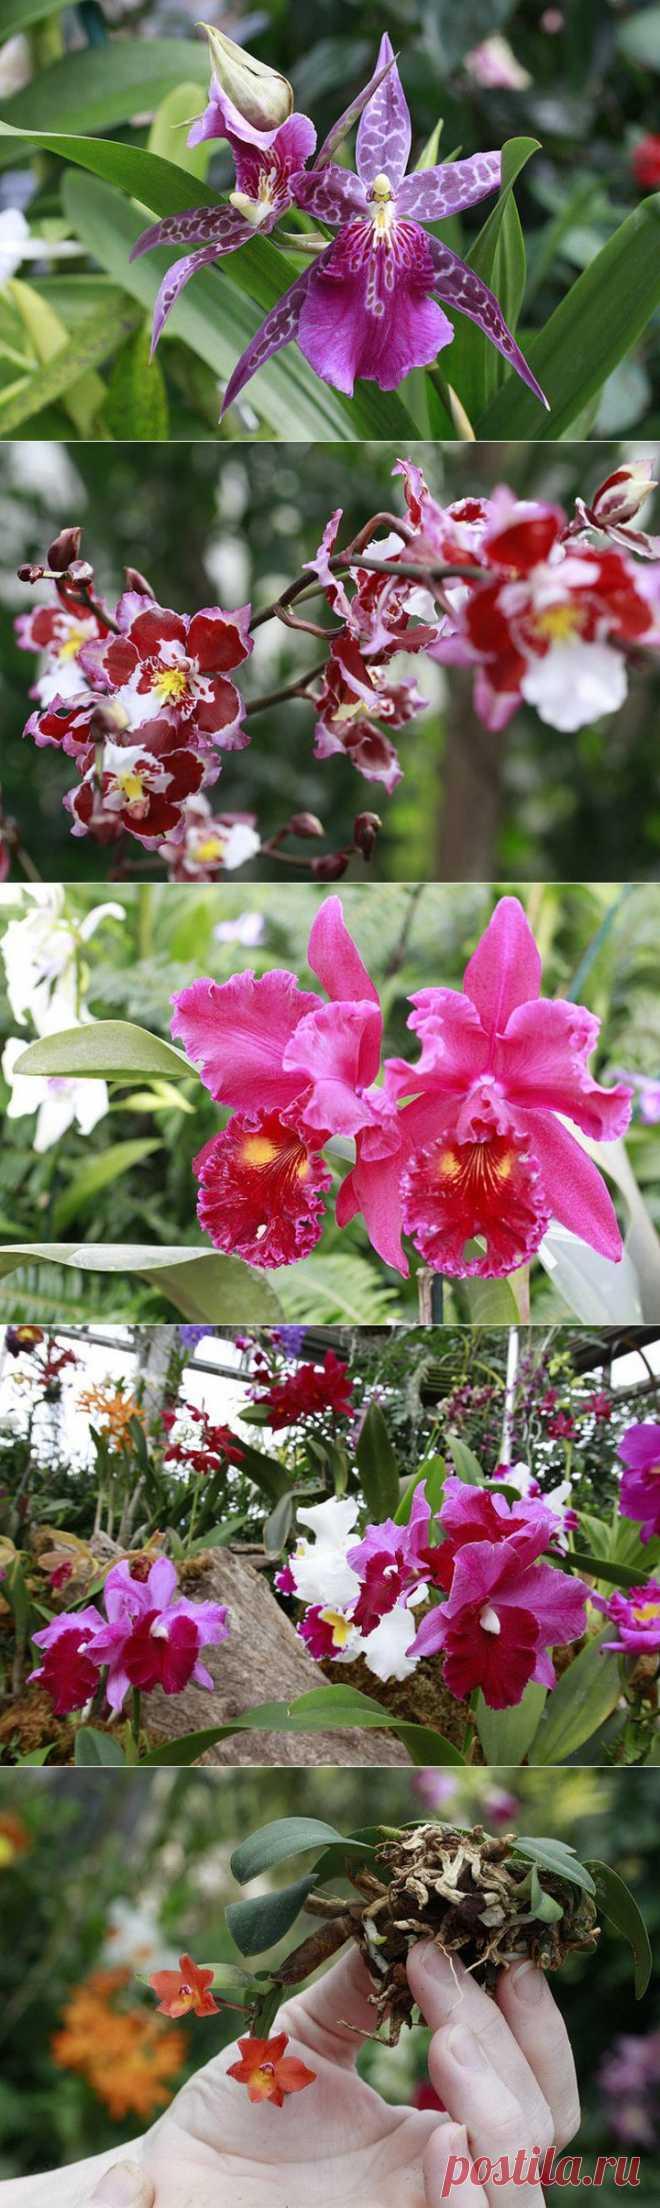 Выставка орхидей в США   САД НА ПОДОКОННИКЕ